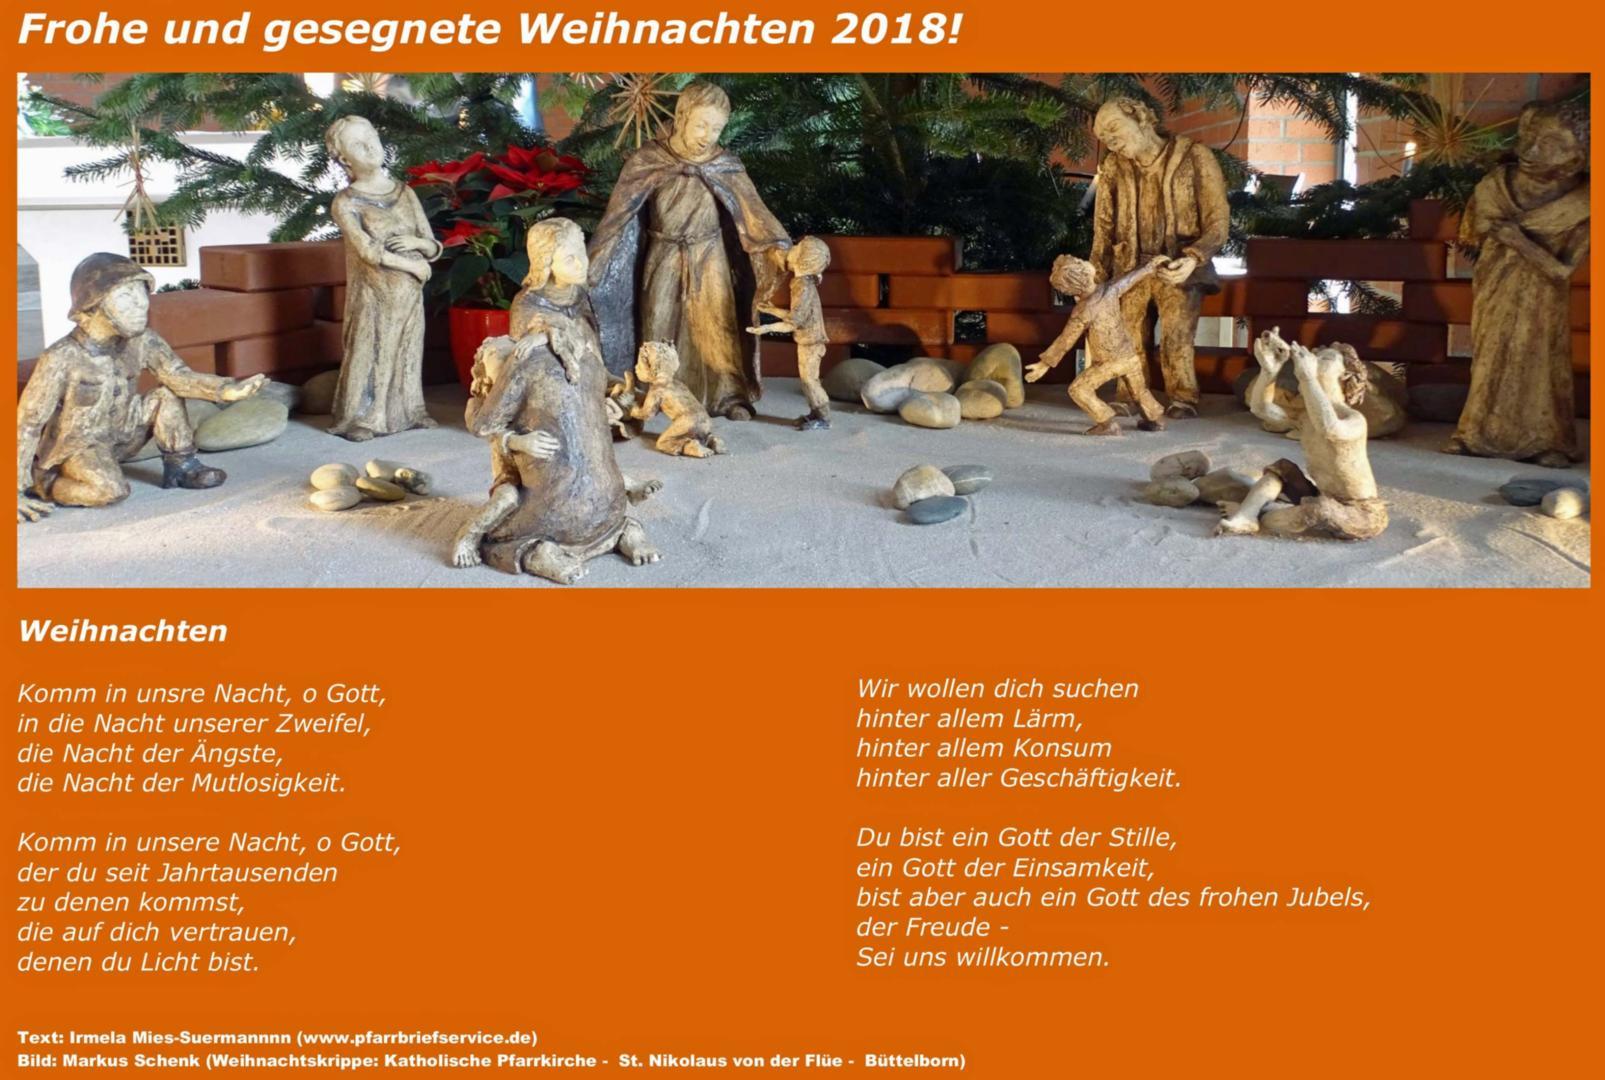 Frohe Und Gesegnete Weihnachten.Frohe Und Gesegnete Weihnachten Pfarrei St Nikolaus Von Der Flüe